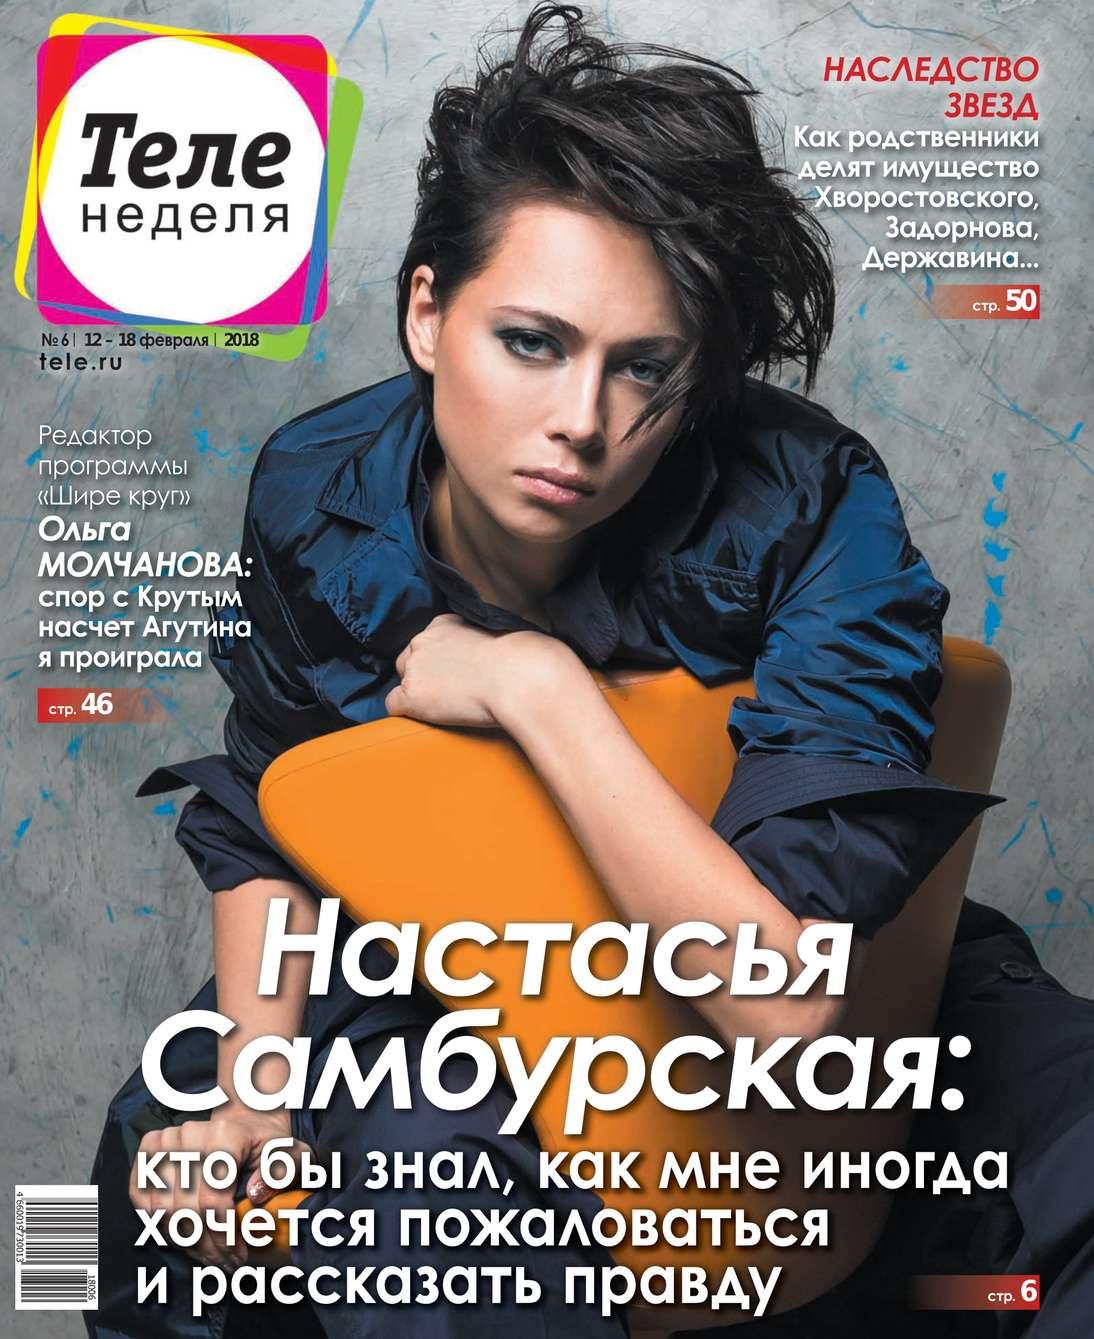 Теленеделя. Журнал о Знаменитостях с Телепрограммой 06-2018